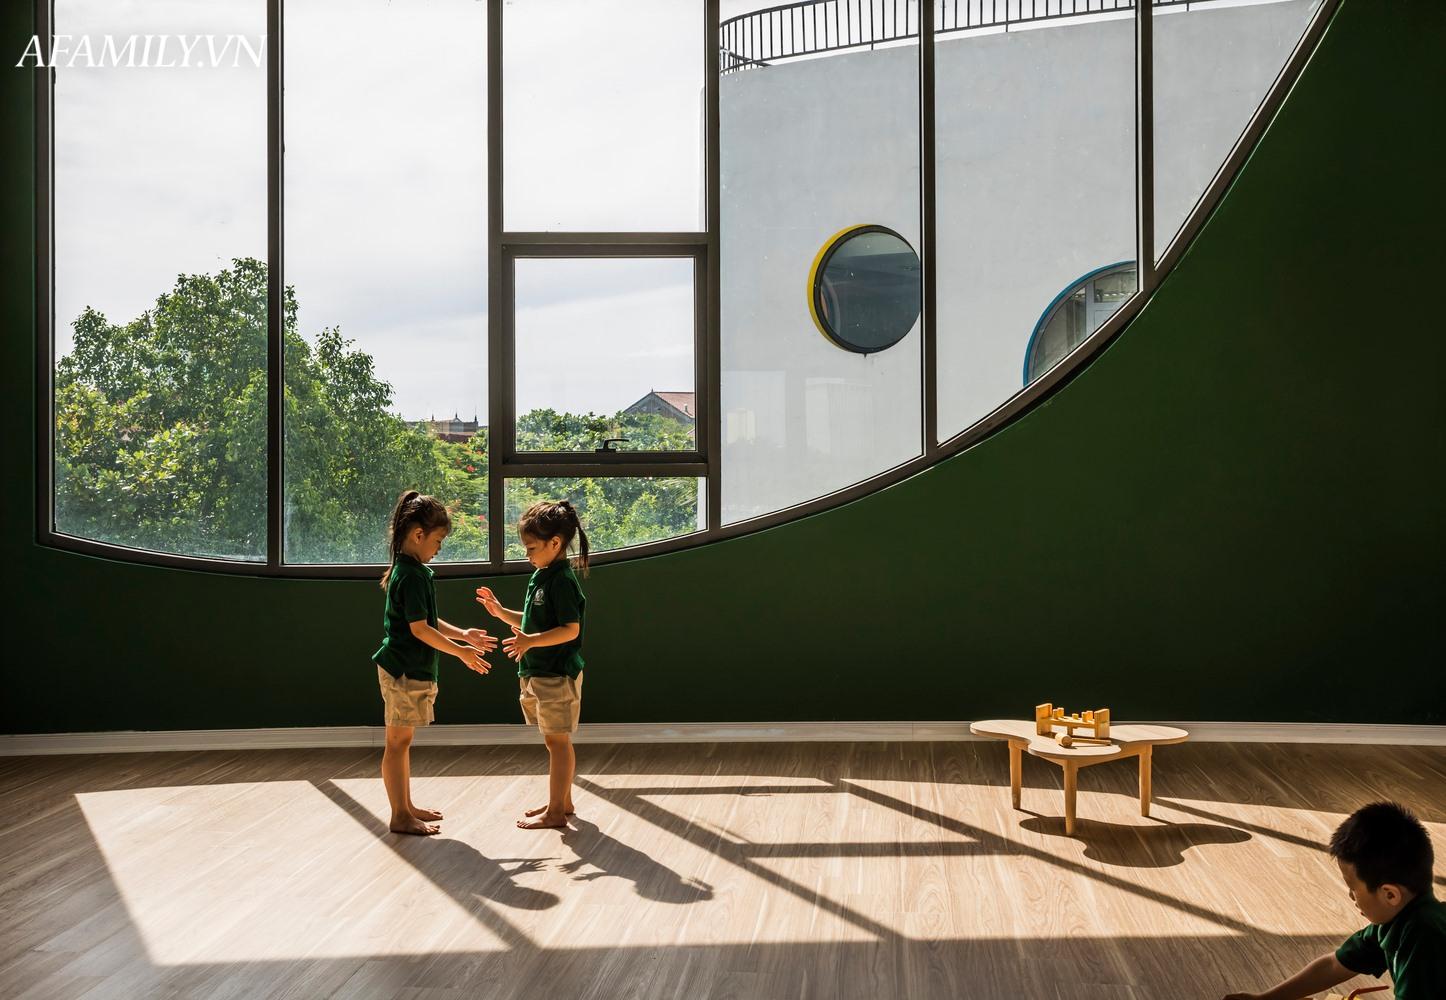 Ngắm trường mầm non đẹp như mơ với thiết kế độc đáo, bố mẹ nào cũng mê tít trong lần đến đầu tiên - Ảnh 14.